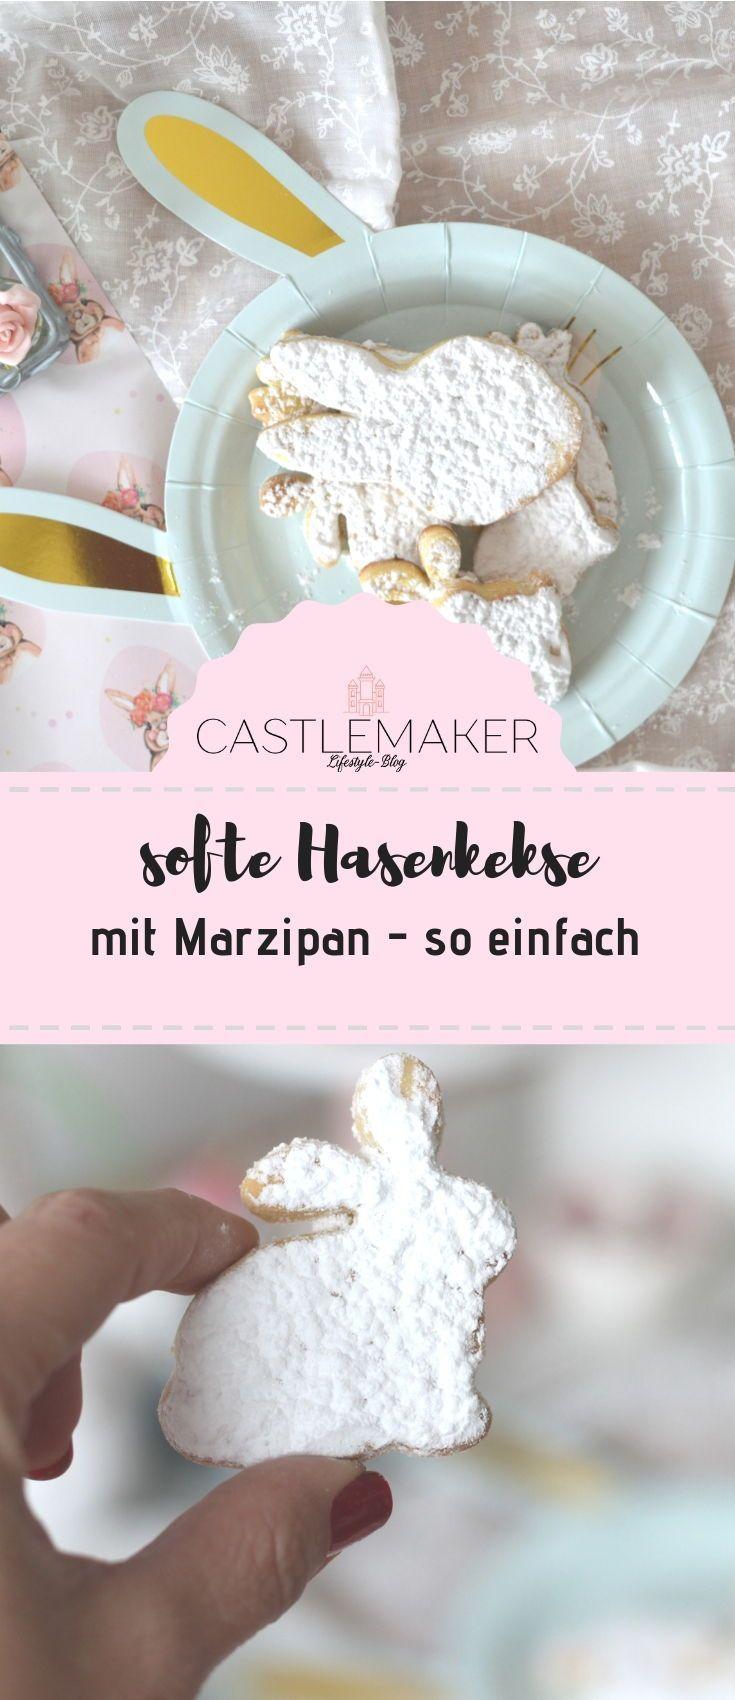 Hasenkekse mit Marzipan oder Marzipanhäschen - so einfach « CASTLEMAKER Lifestyle Blog